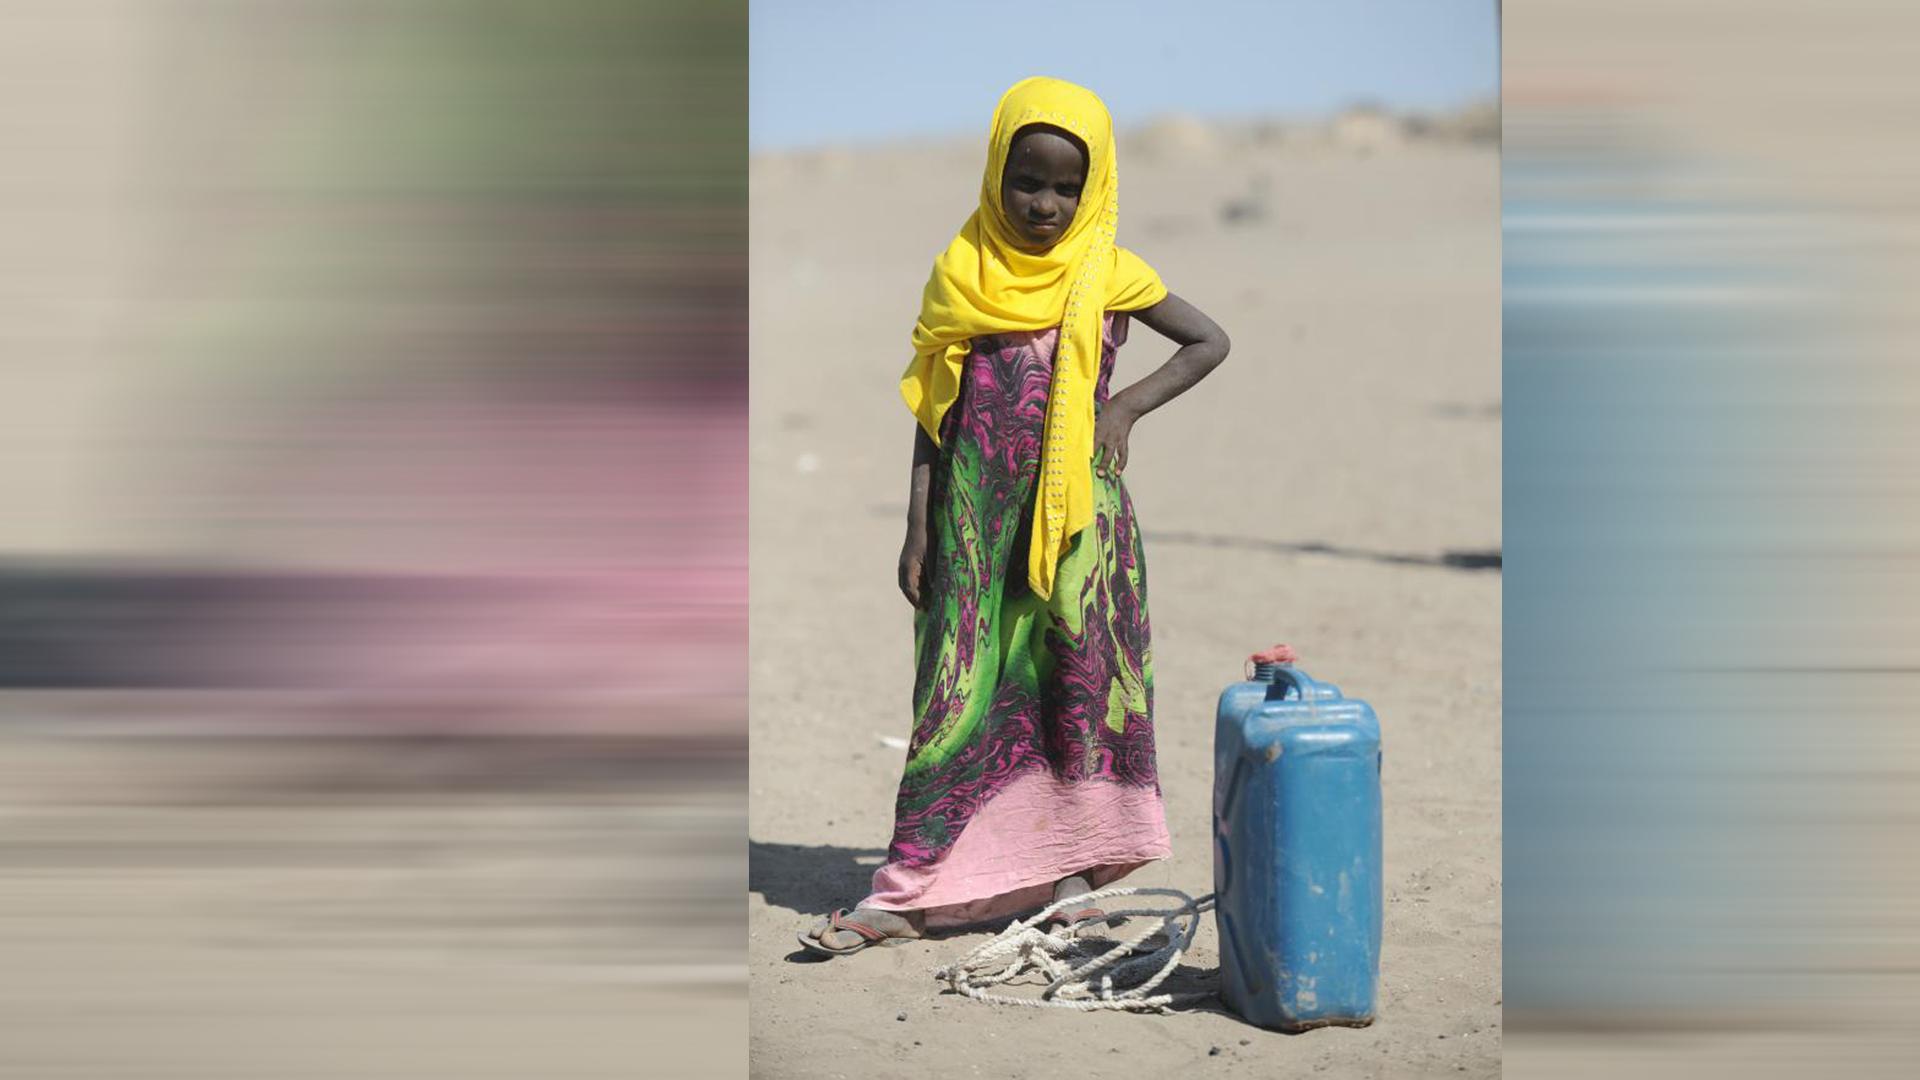 Durch einen gesunkenen Wasserspiegel ist die Wasserversorgung der Menschen eingeschränkt